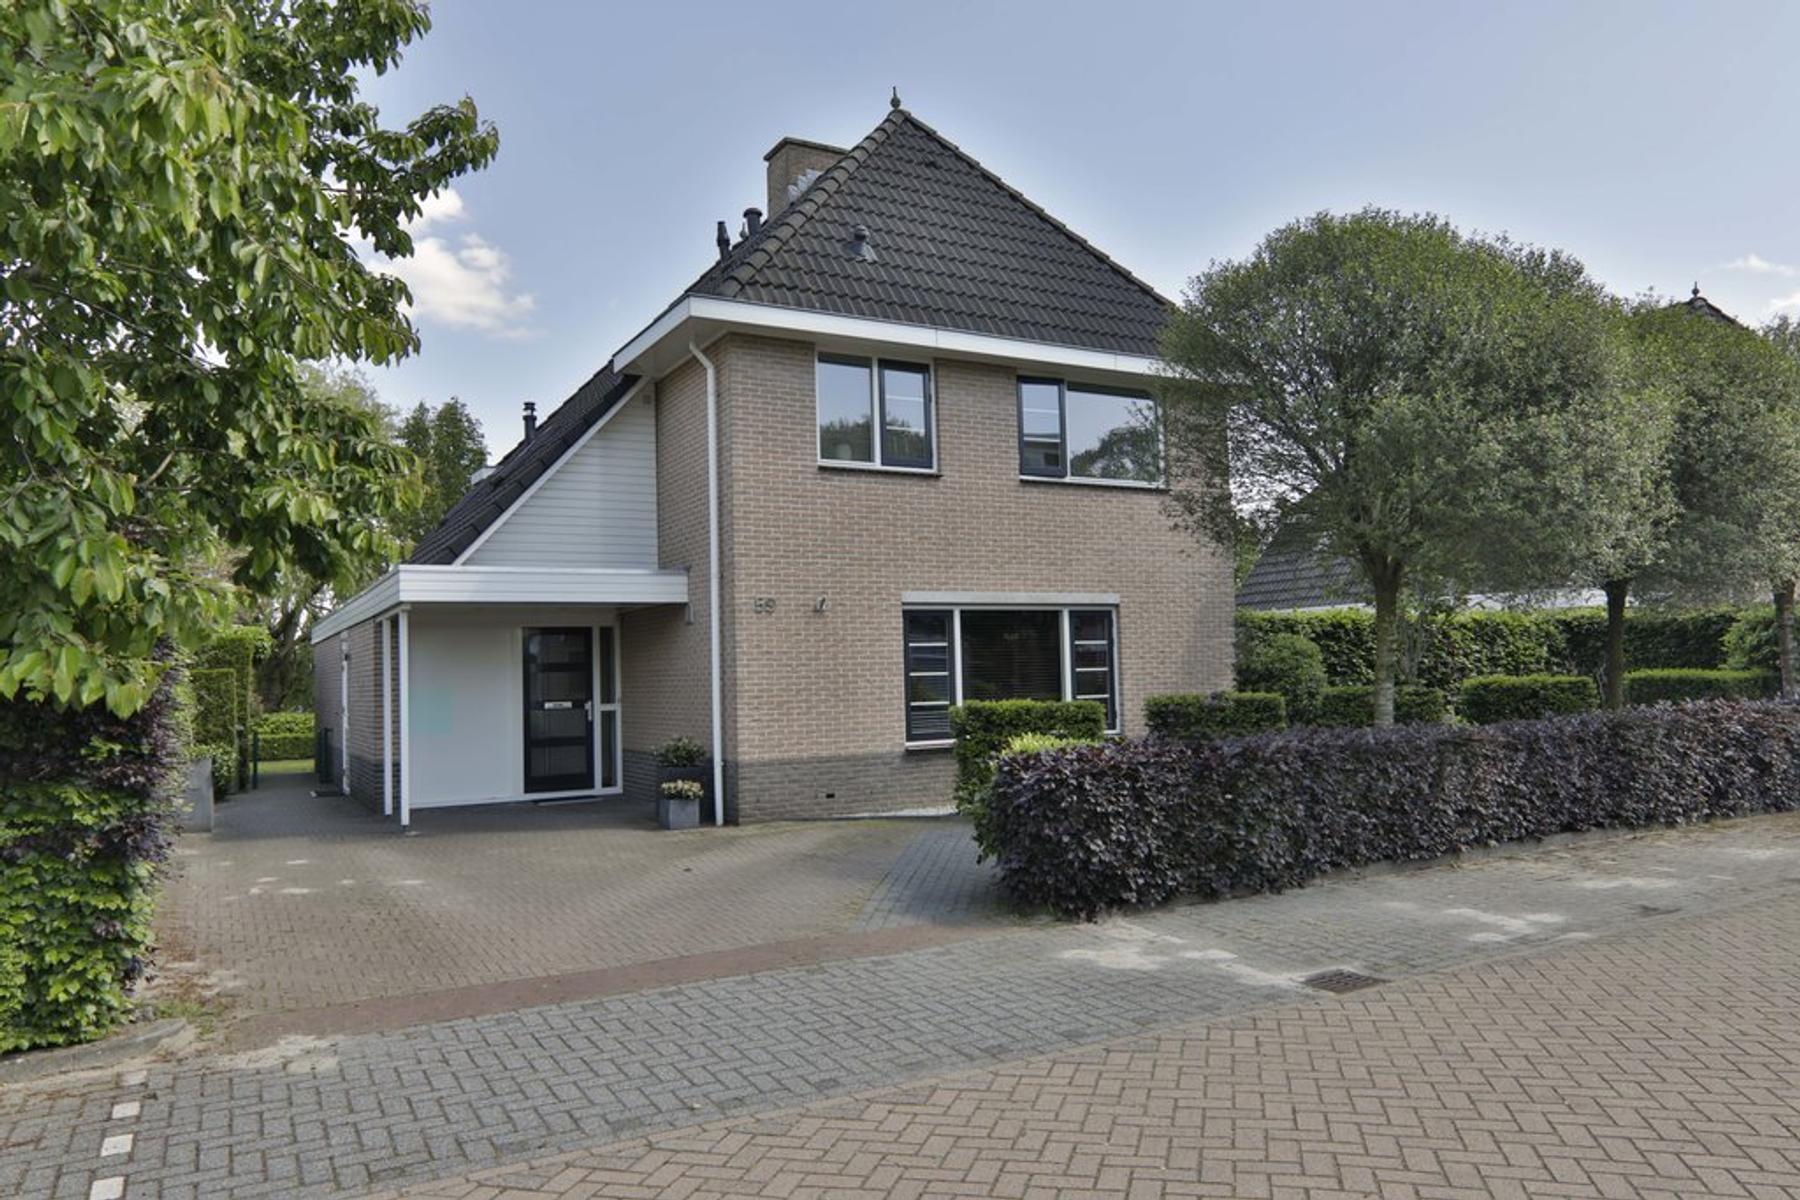 Zuidwoldigerweg 59 in Hoogeveen 7908 AC